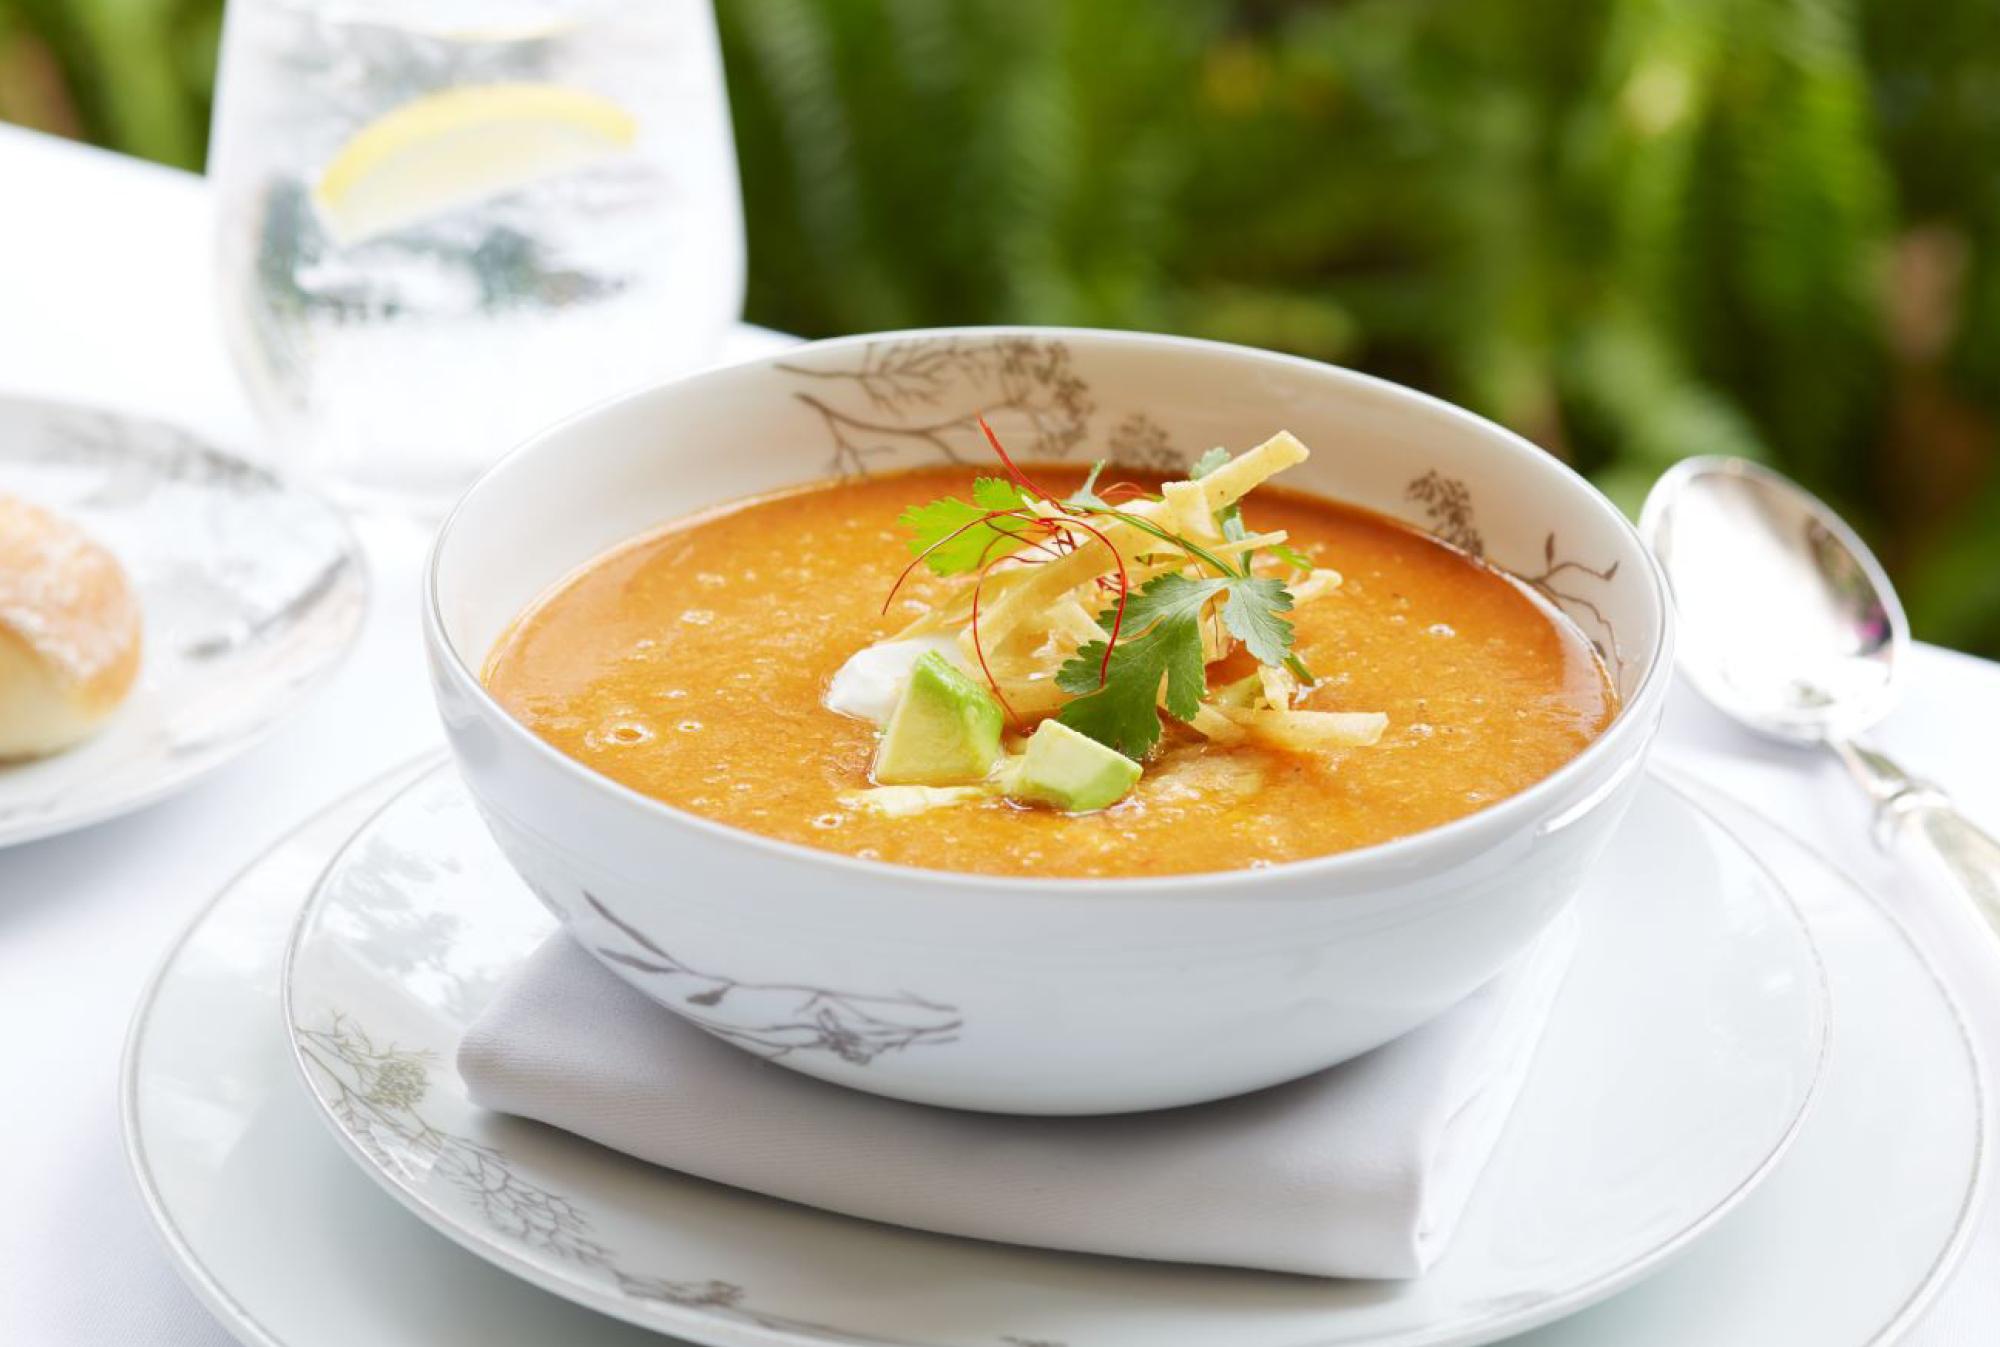 Tortilla soup from Wolfgang Puck at Hotel Bel-Air